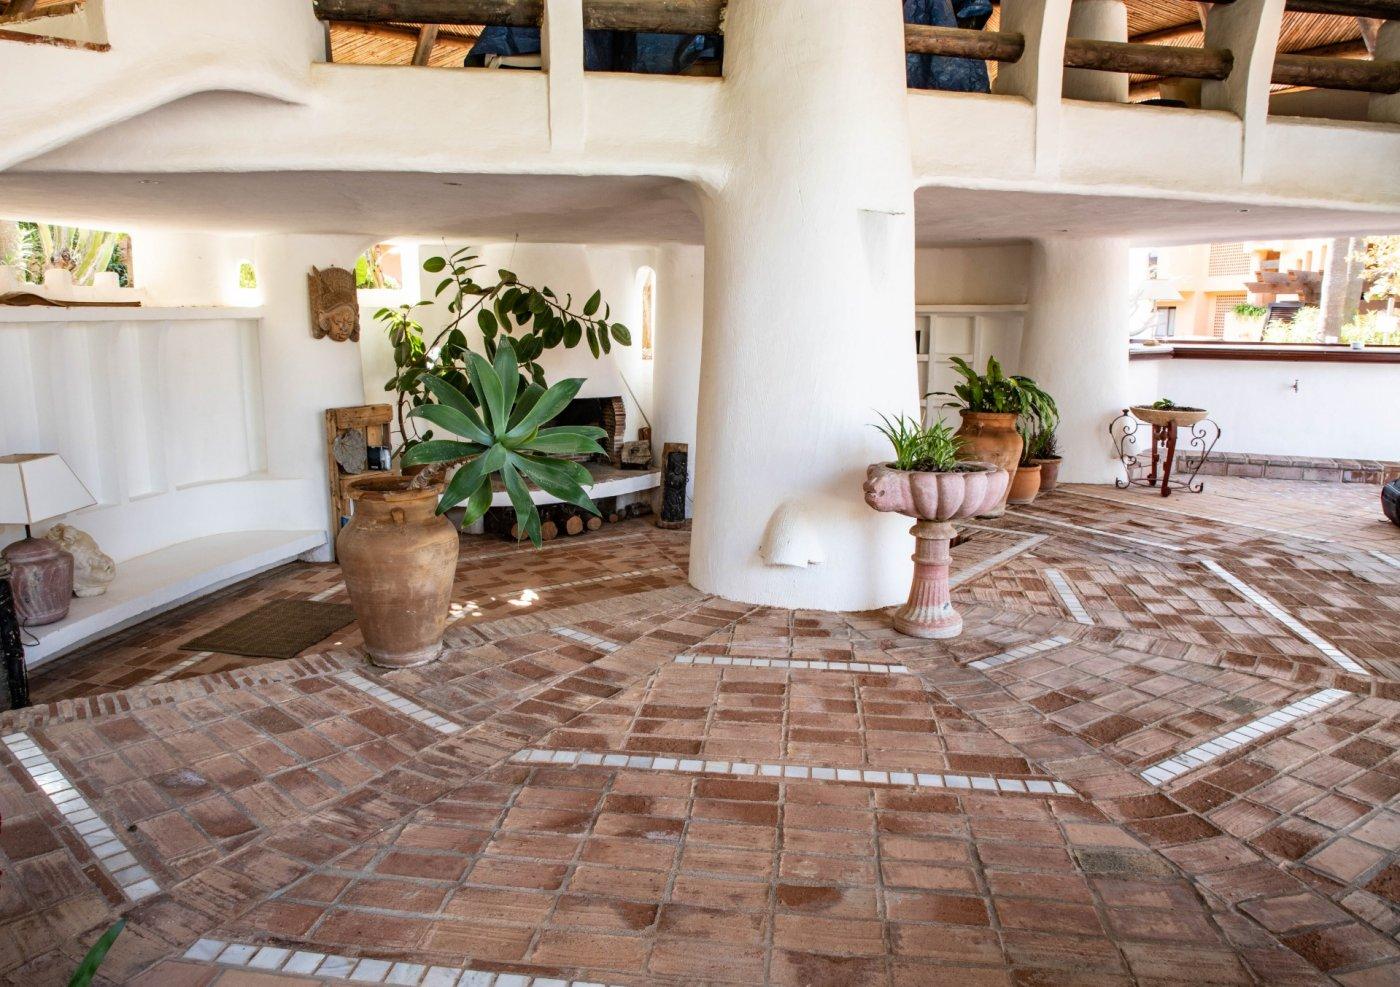 Oportunidad de comprar un precioso apartamento en santa ponsa a muy buen precio!! - imagenInmueble11